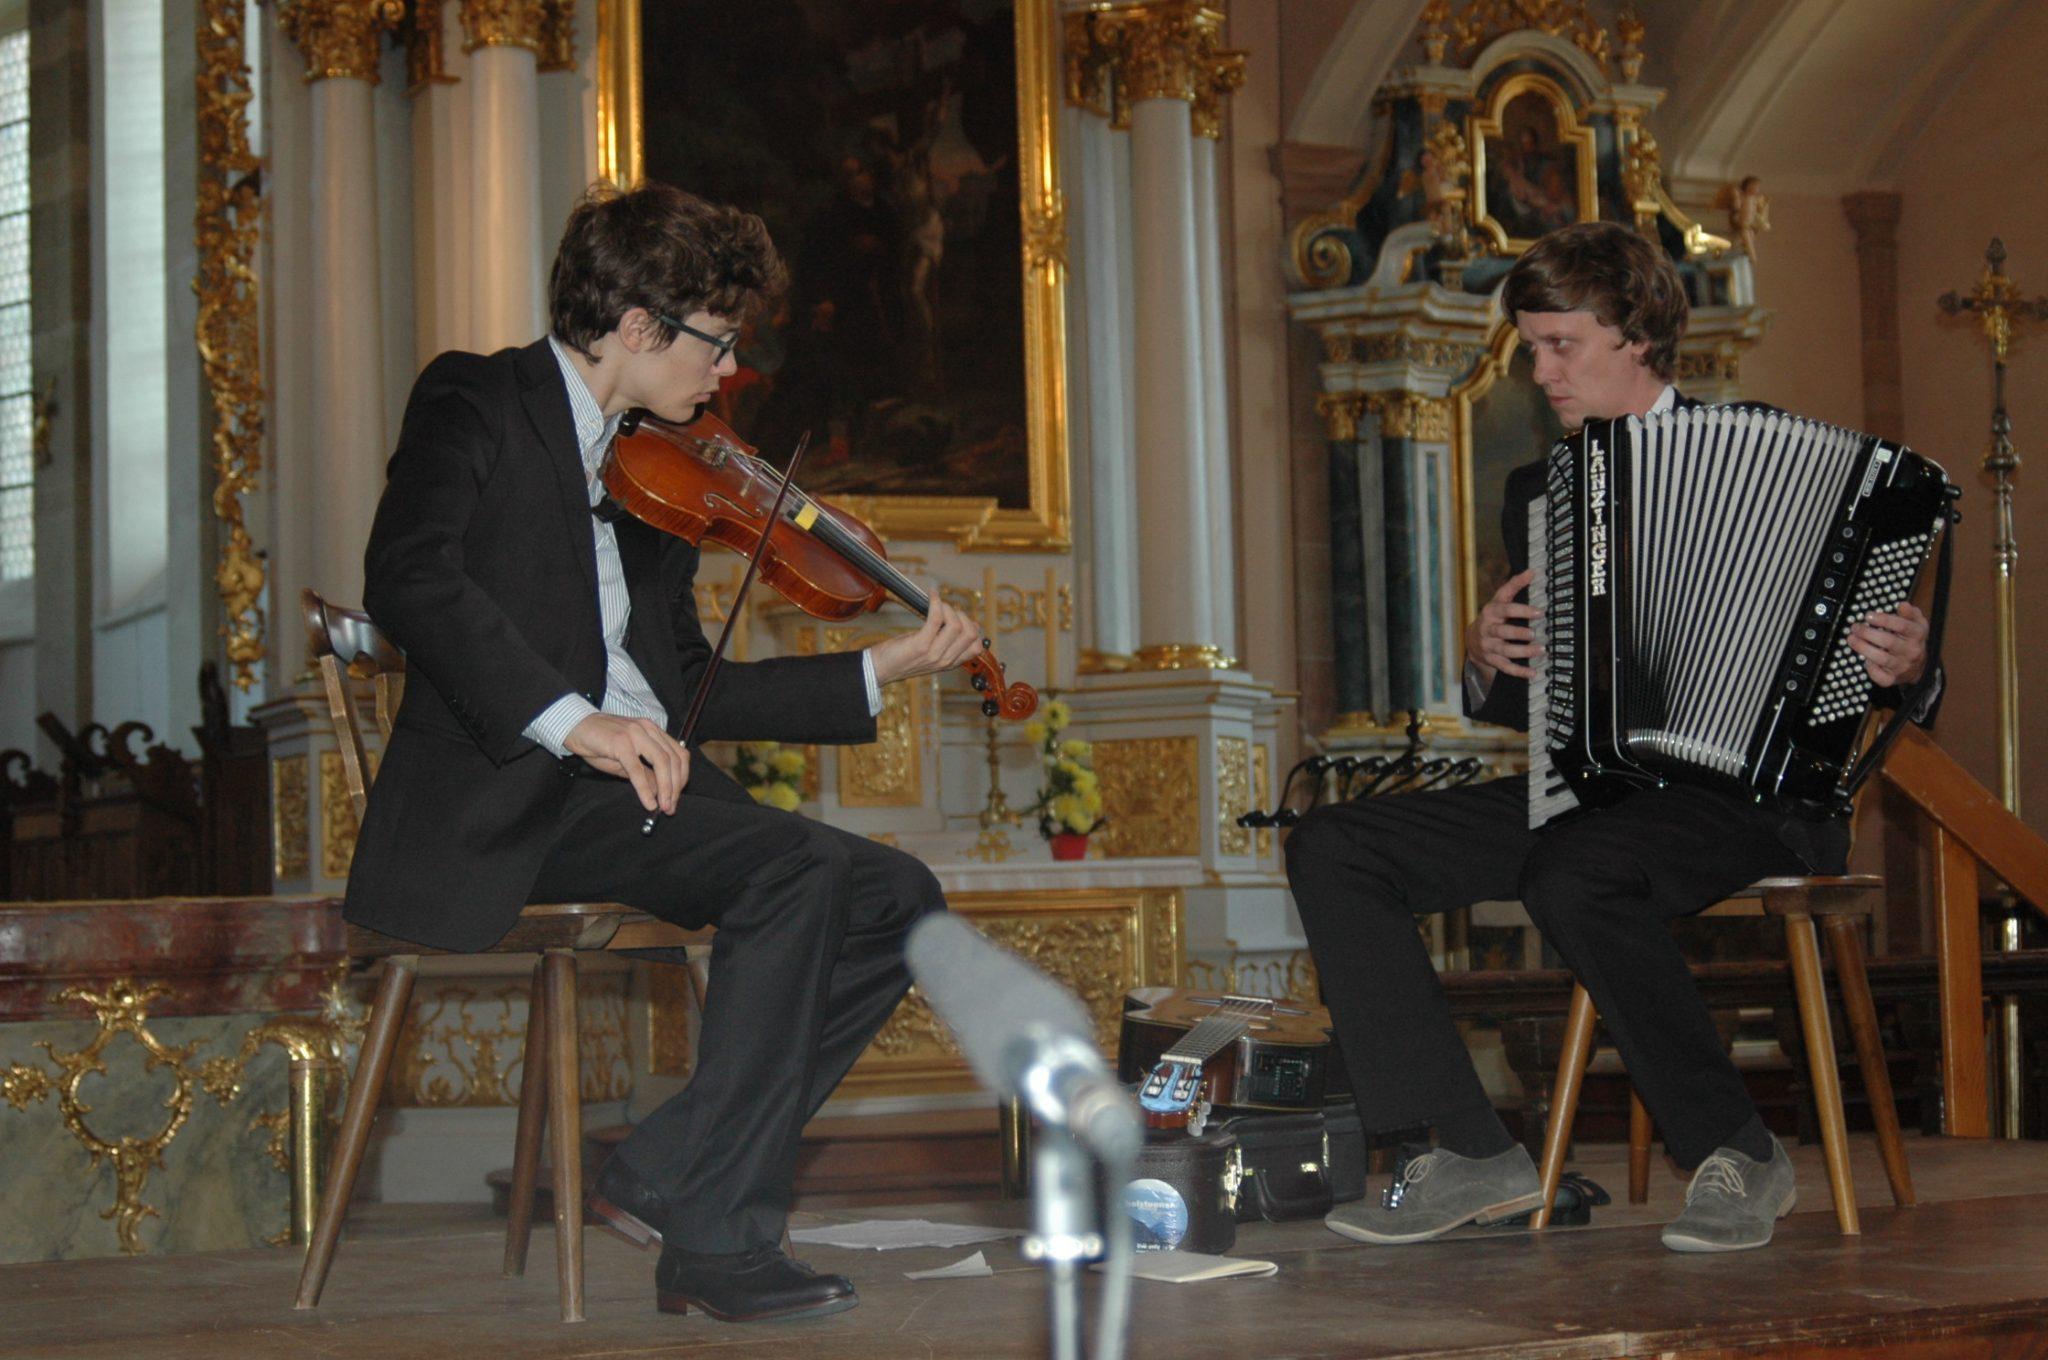 Kirchenkonzert in der Abteikirche mit Philipp Lingg und Christoph Mateka | Krone Au